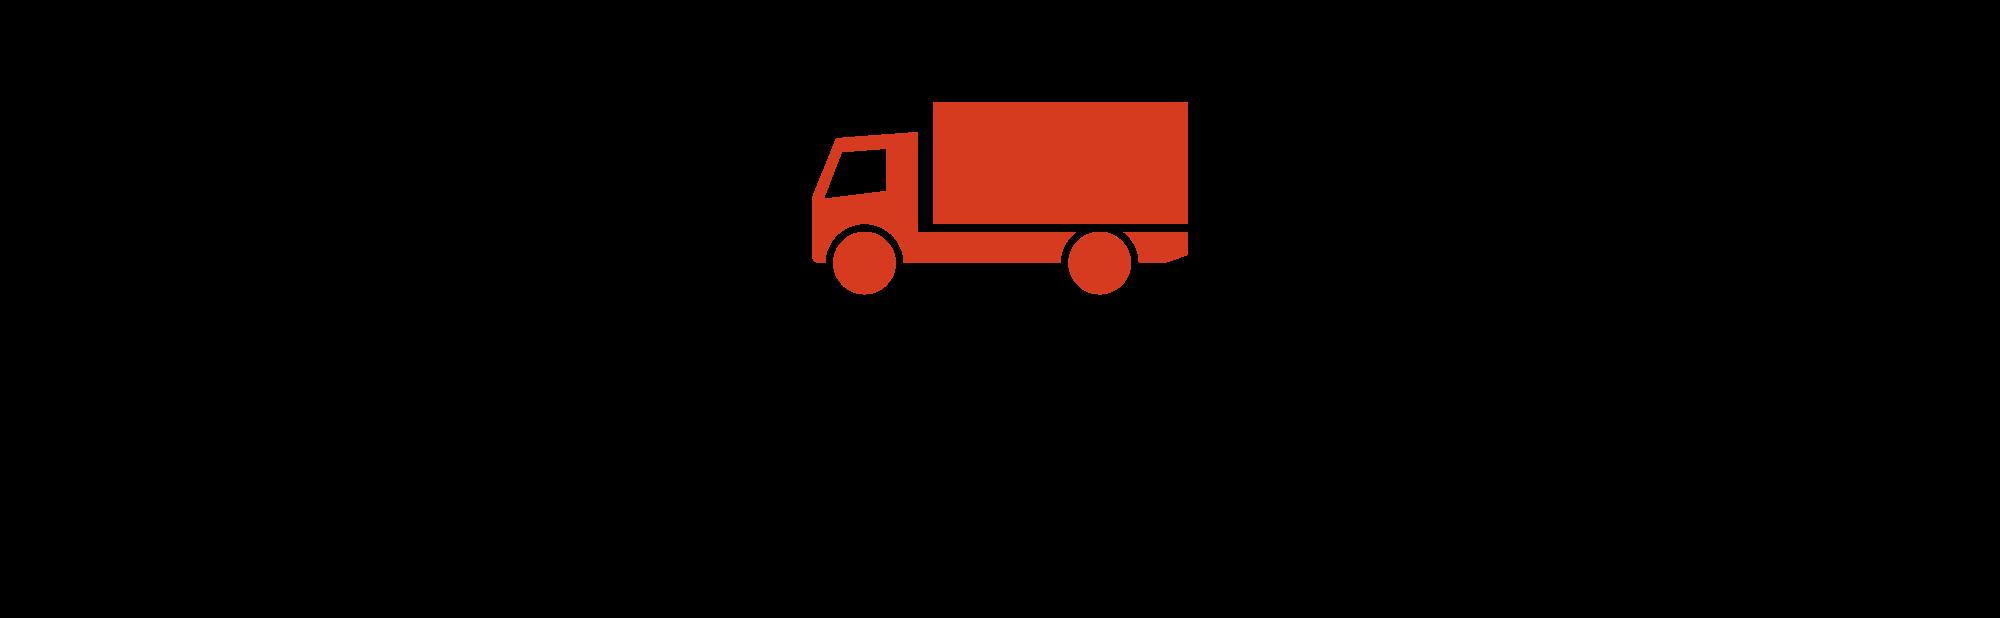 Distributors-Wholesalers-logo.png